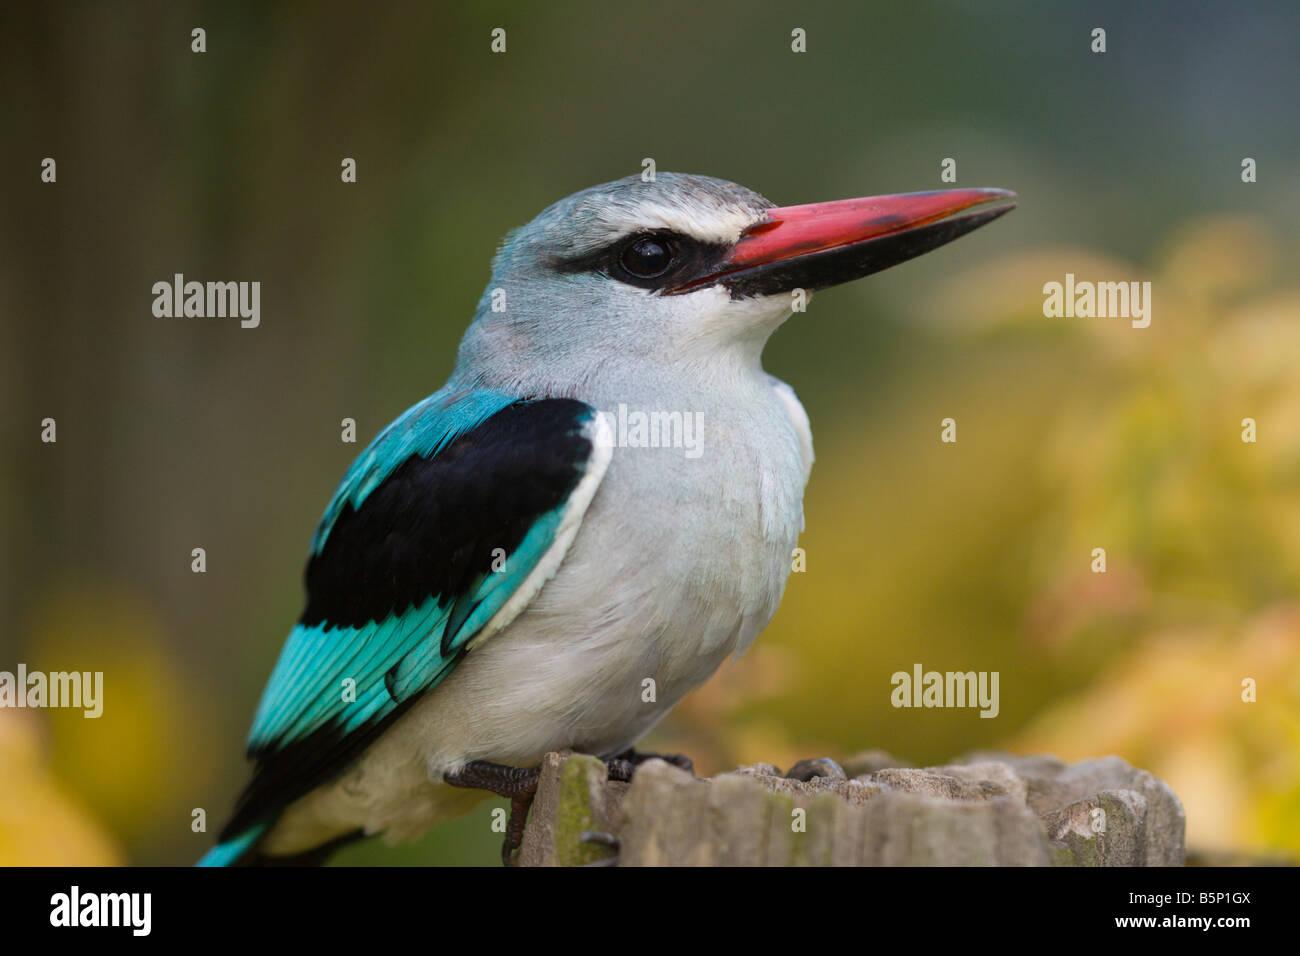 woodland kingfisher bird Uganda africa - Stock Image